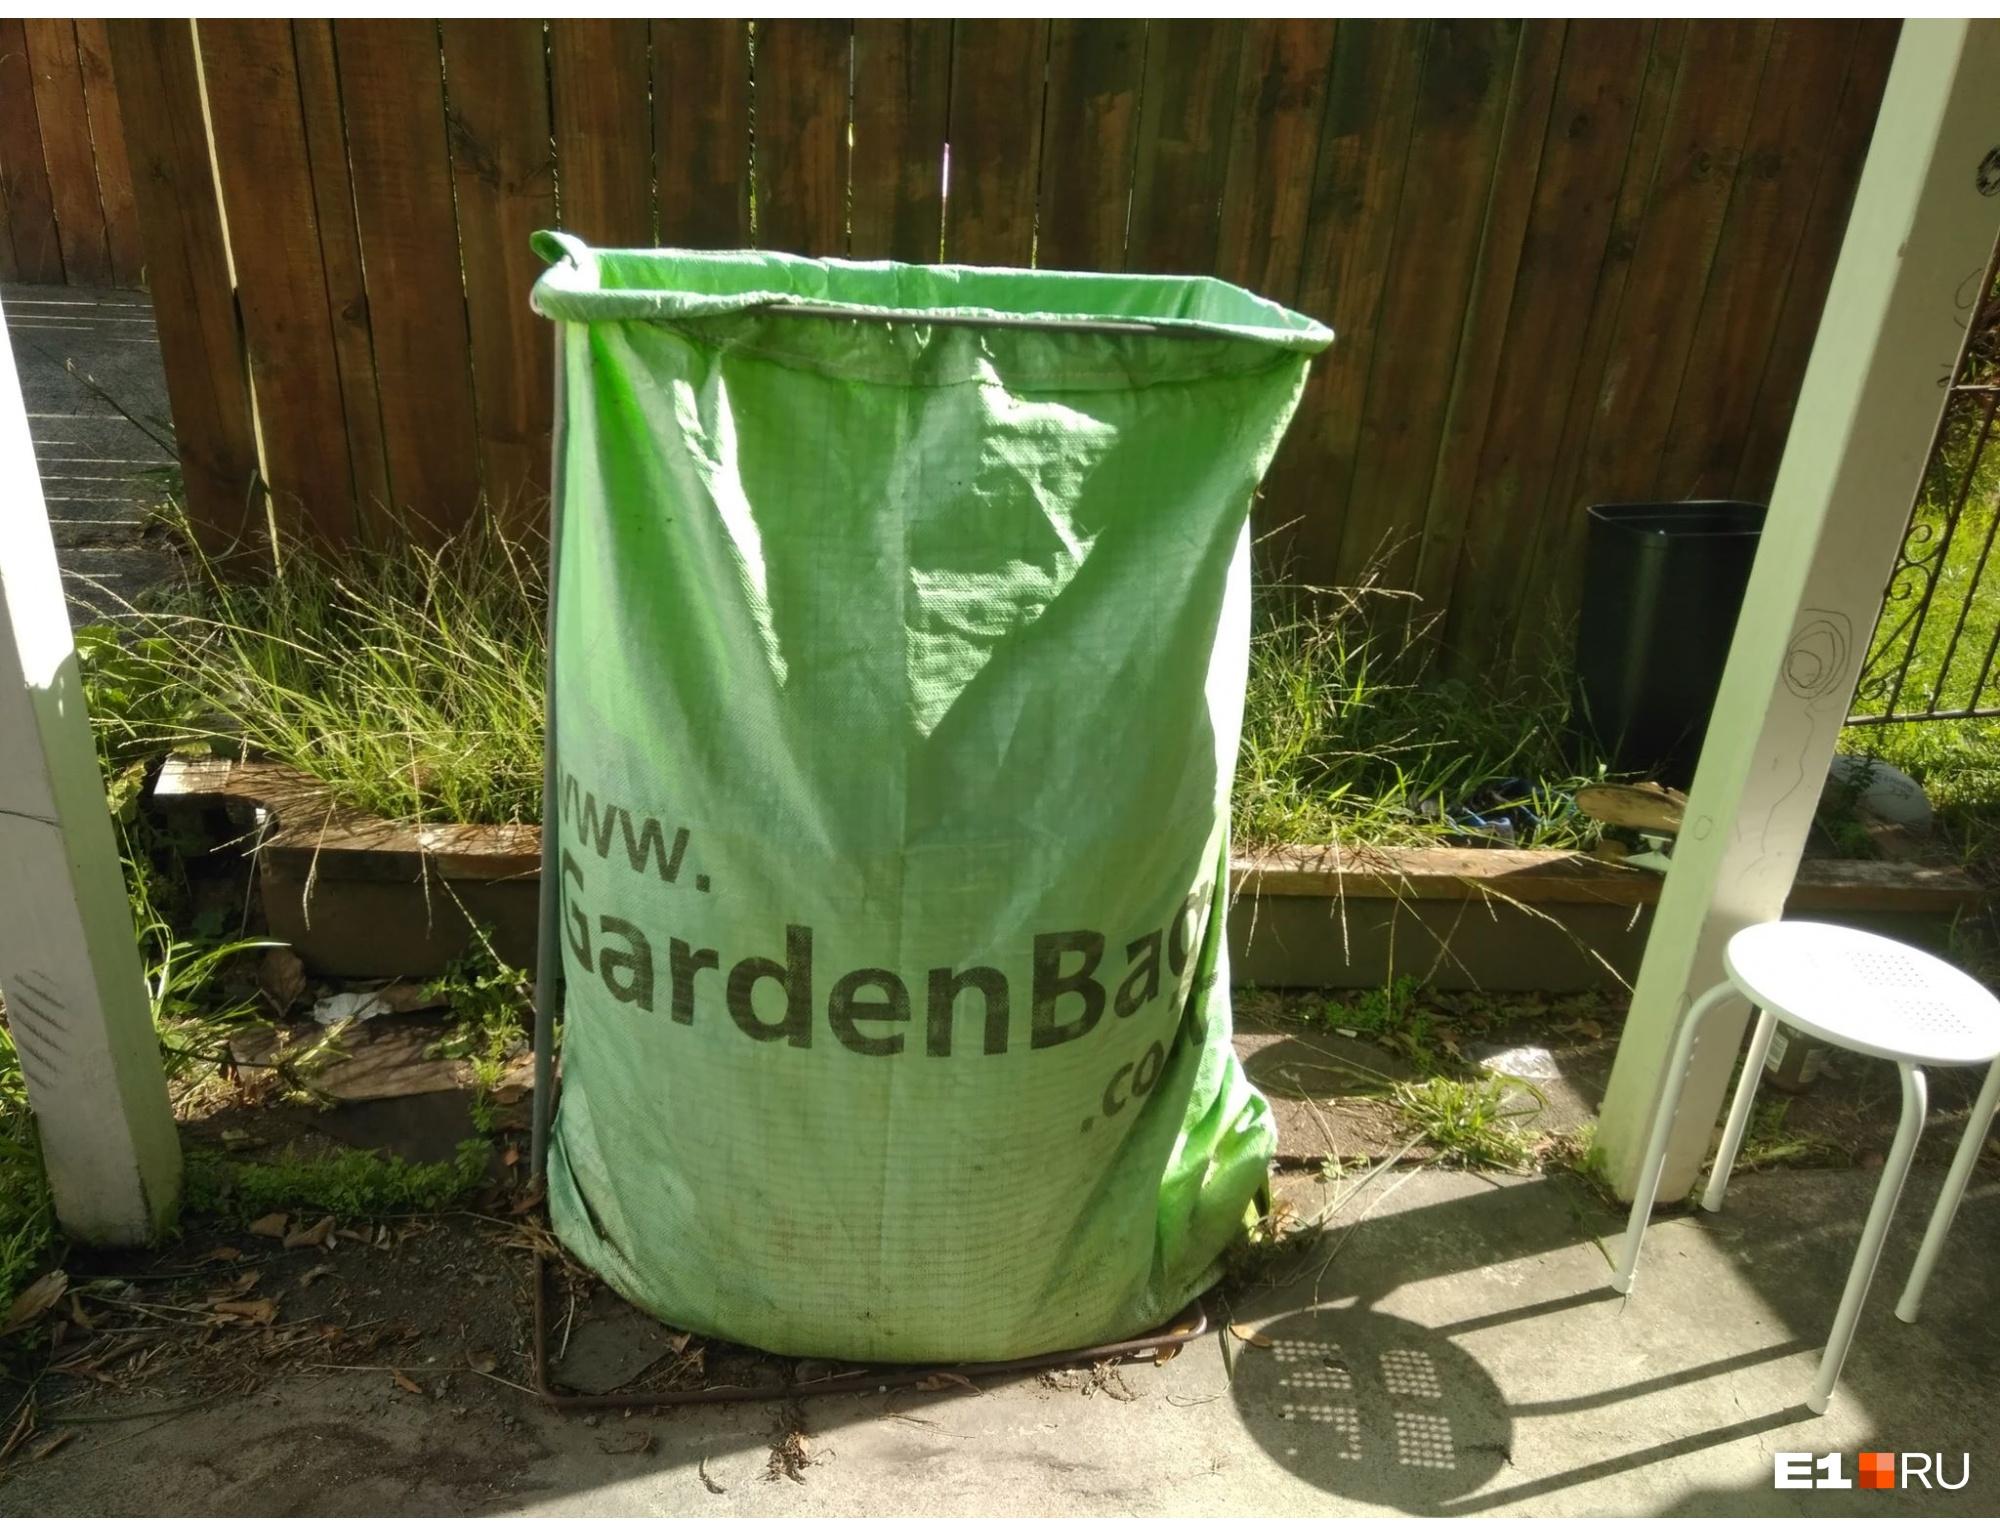 Некоторые отходы складывают в специальные зеленые пакеты